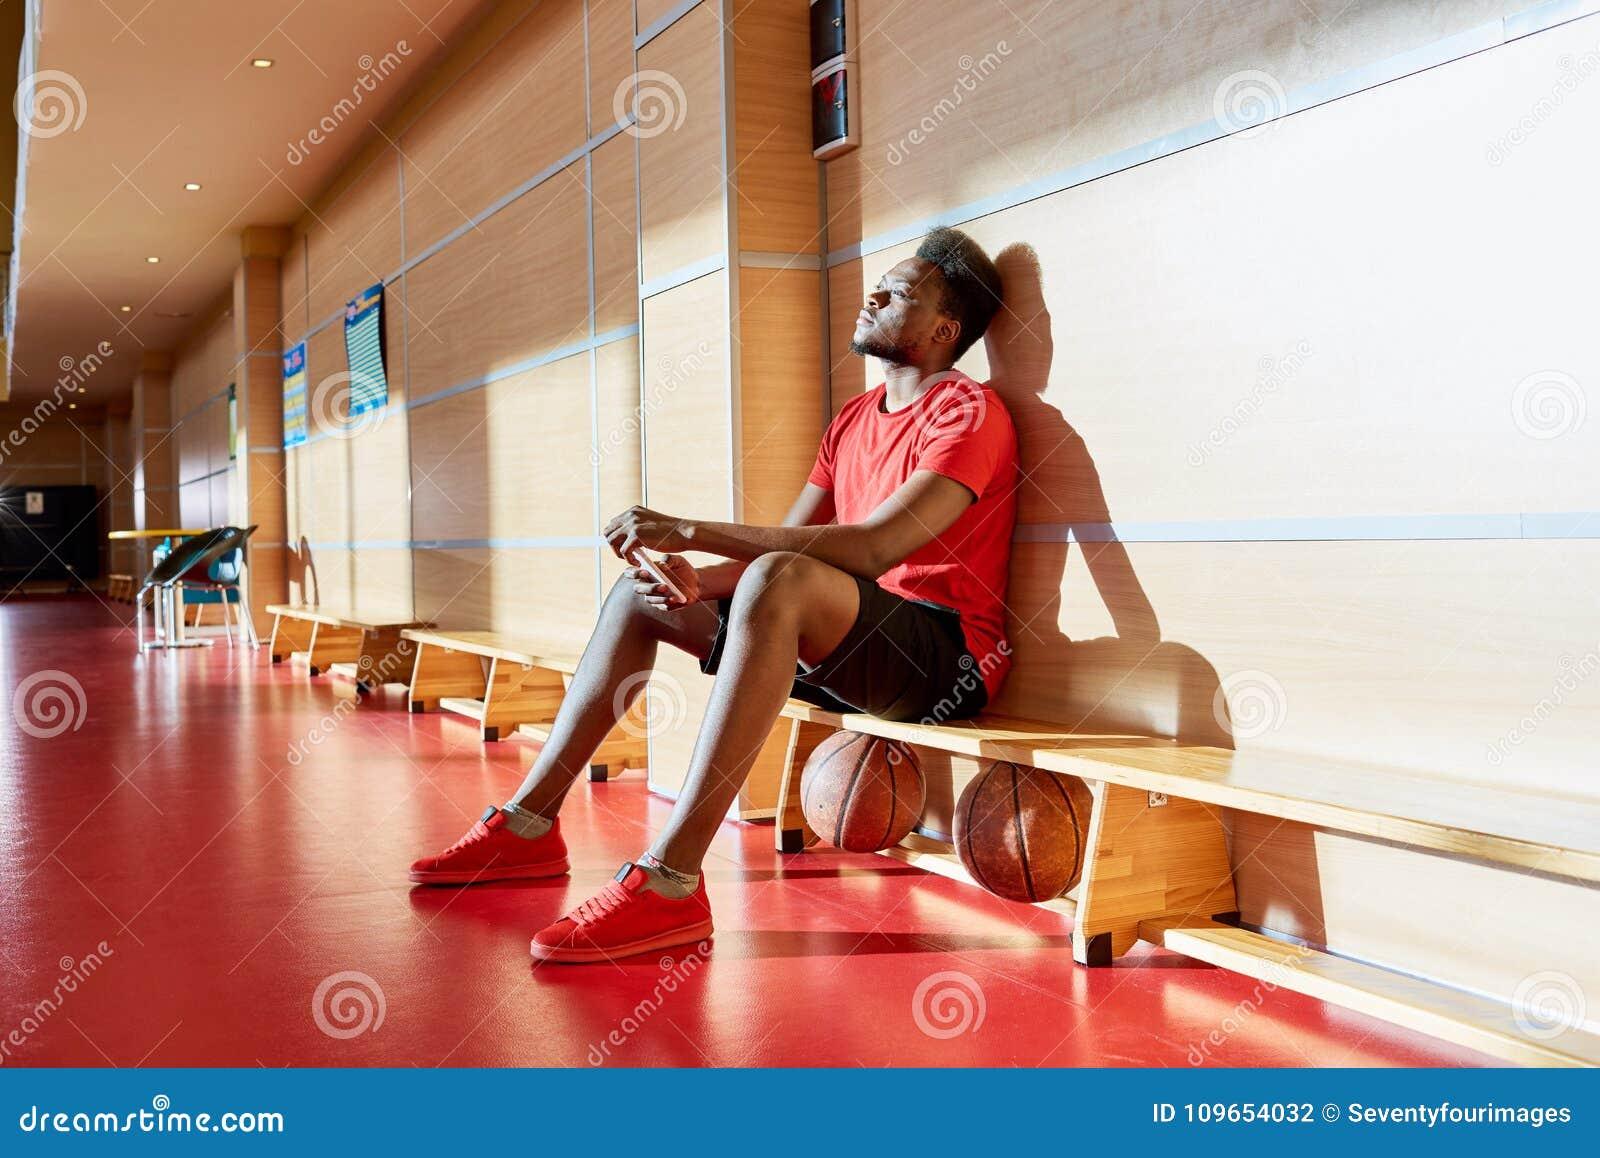 疲乏的美国黑人的蓝球运动员坐边线